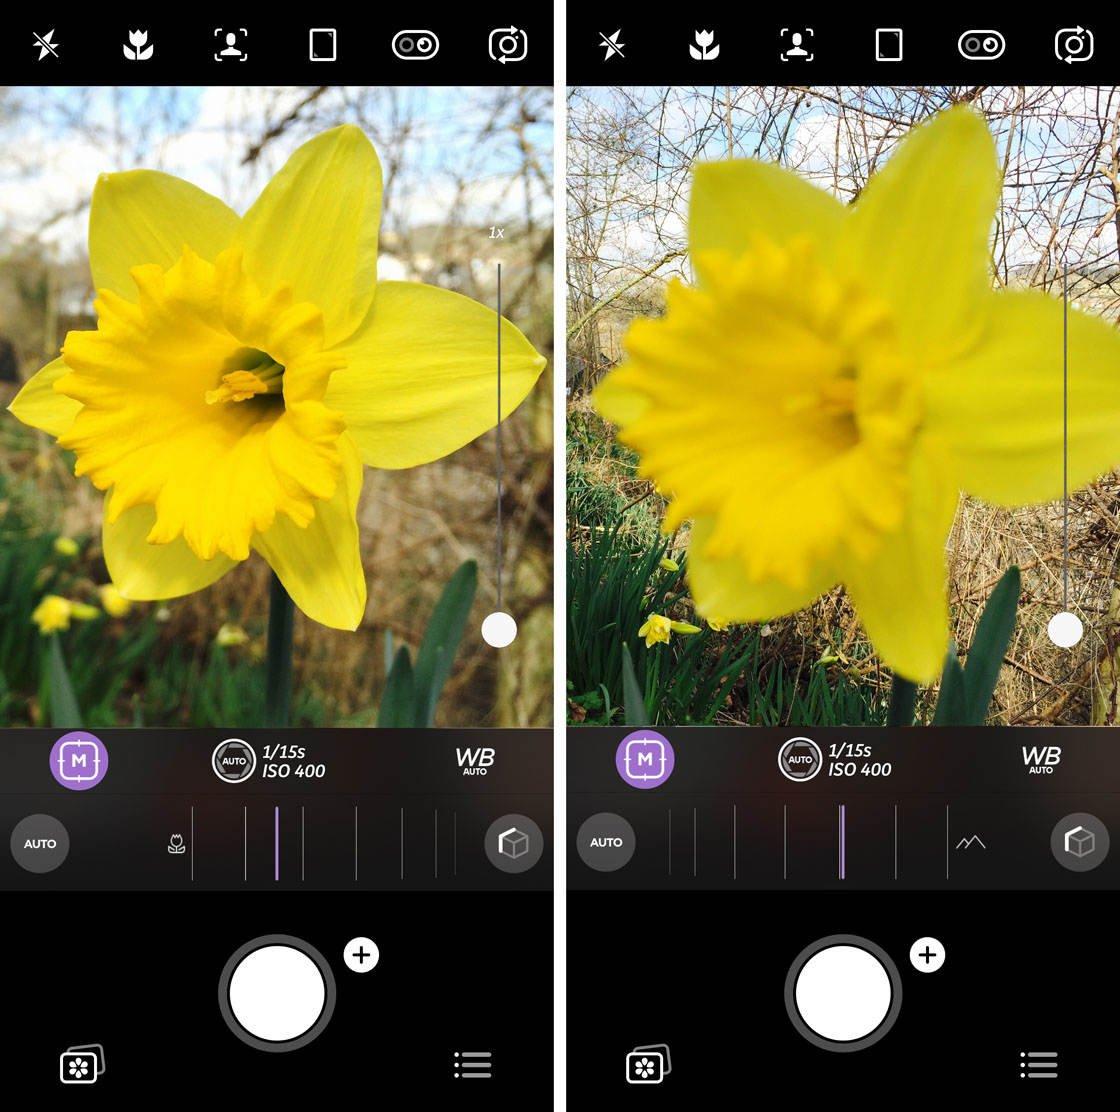 Advanced iphone camera controls 77 no script